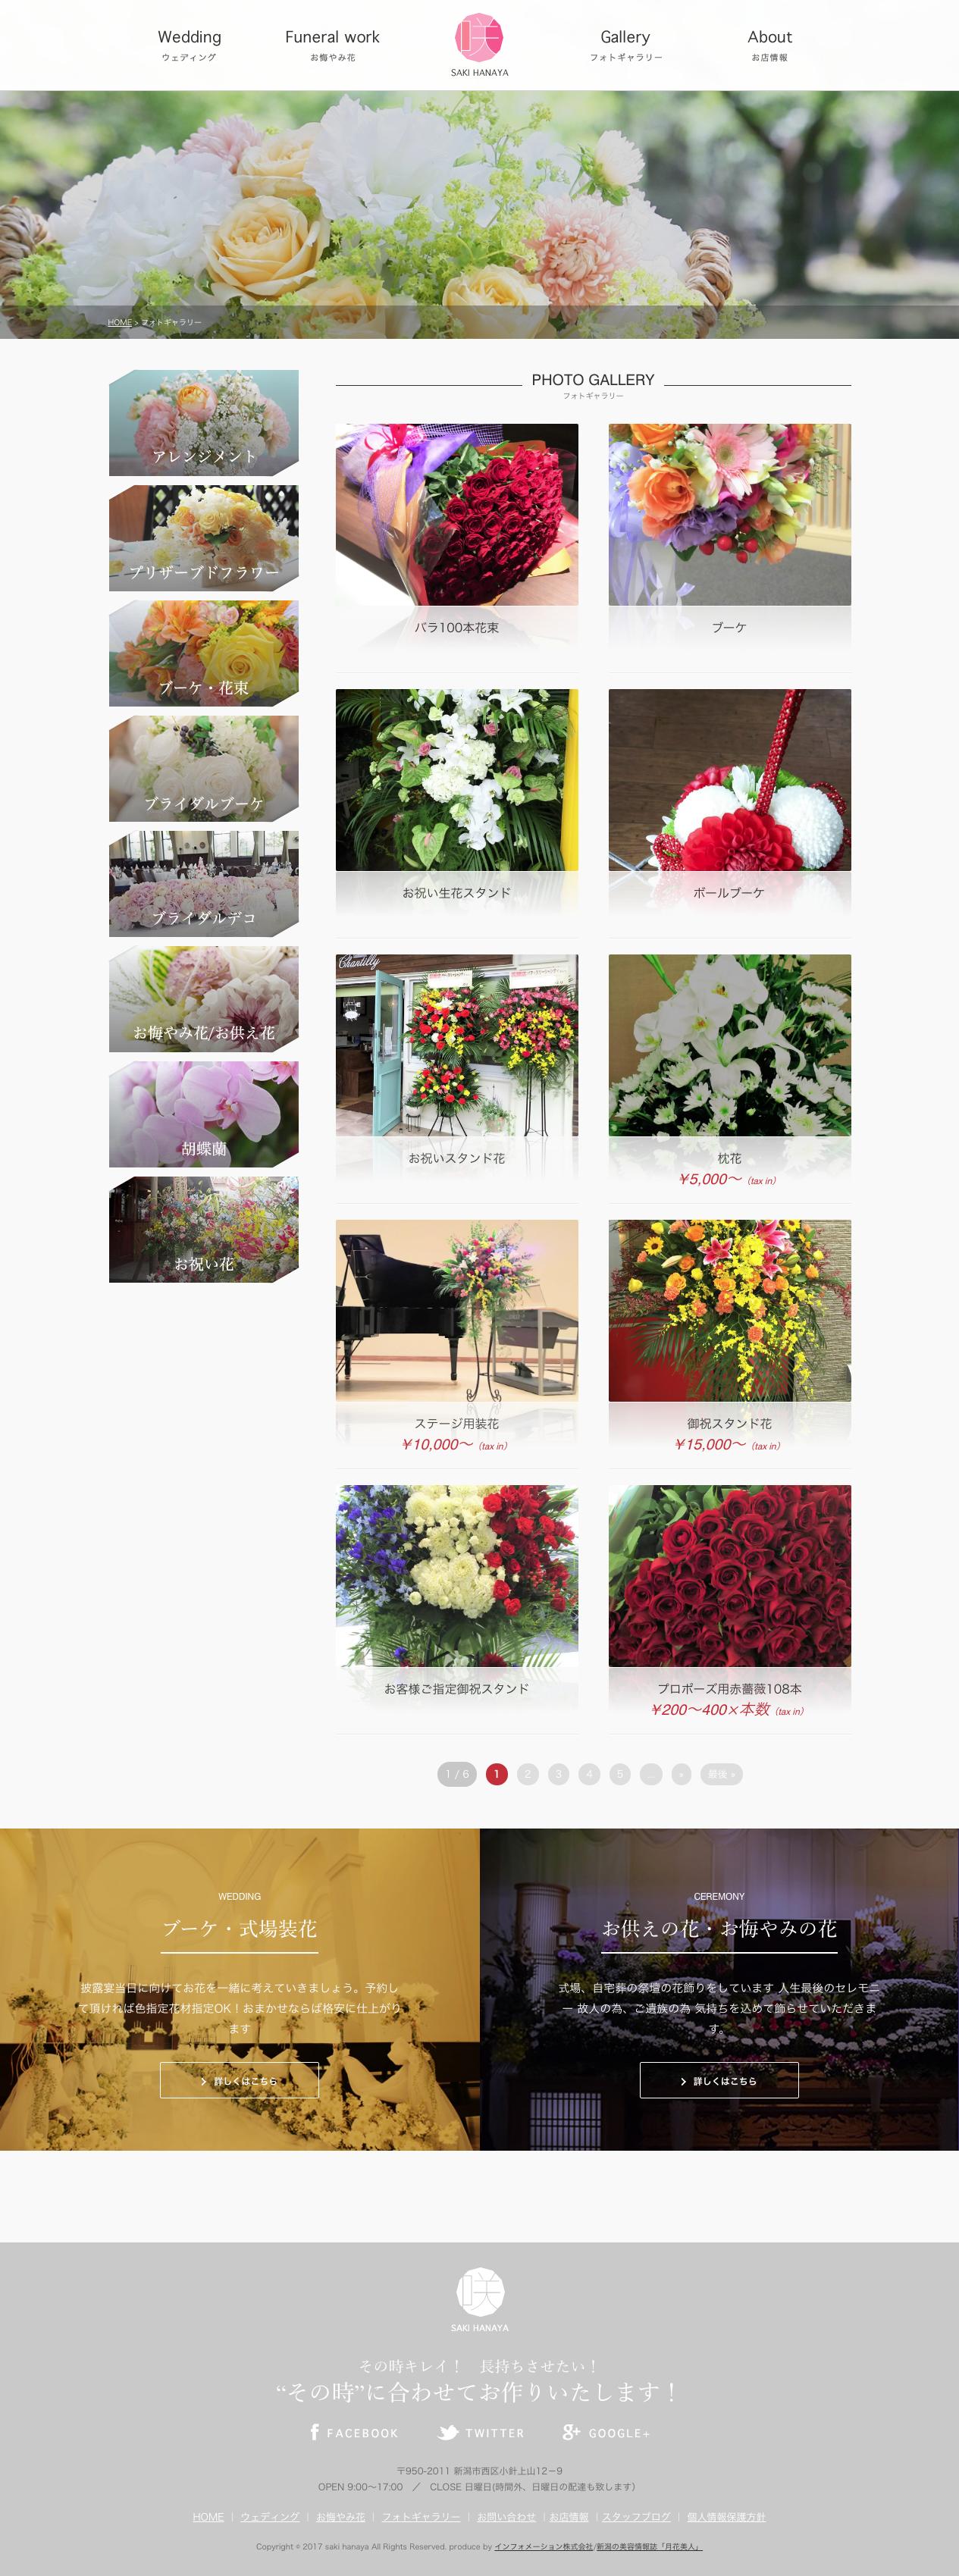 咲-saki- 様のホームページ